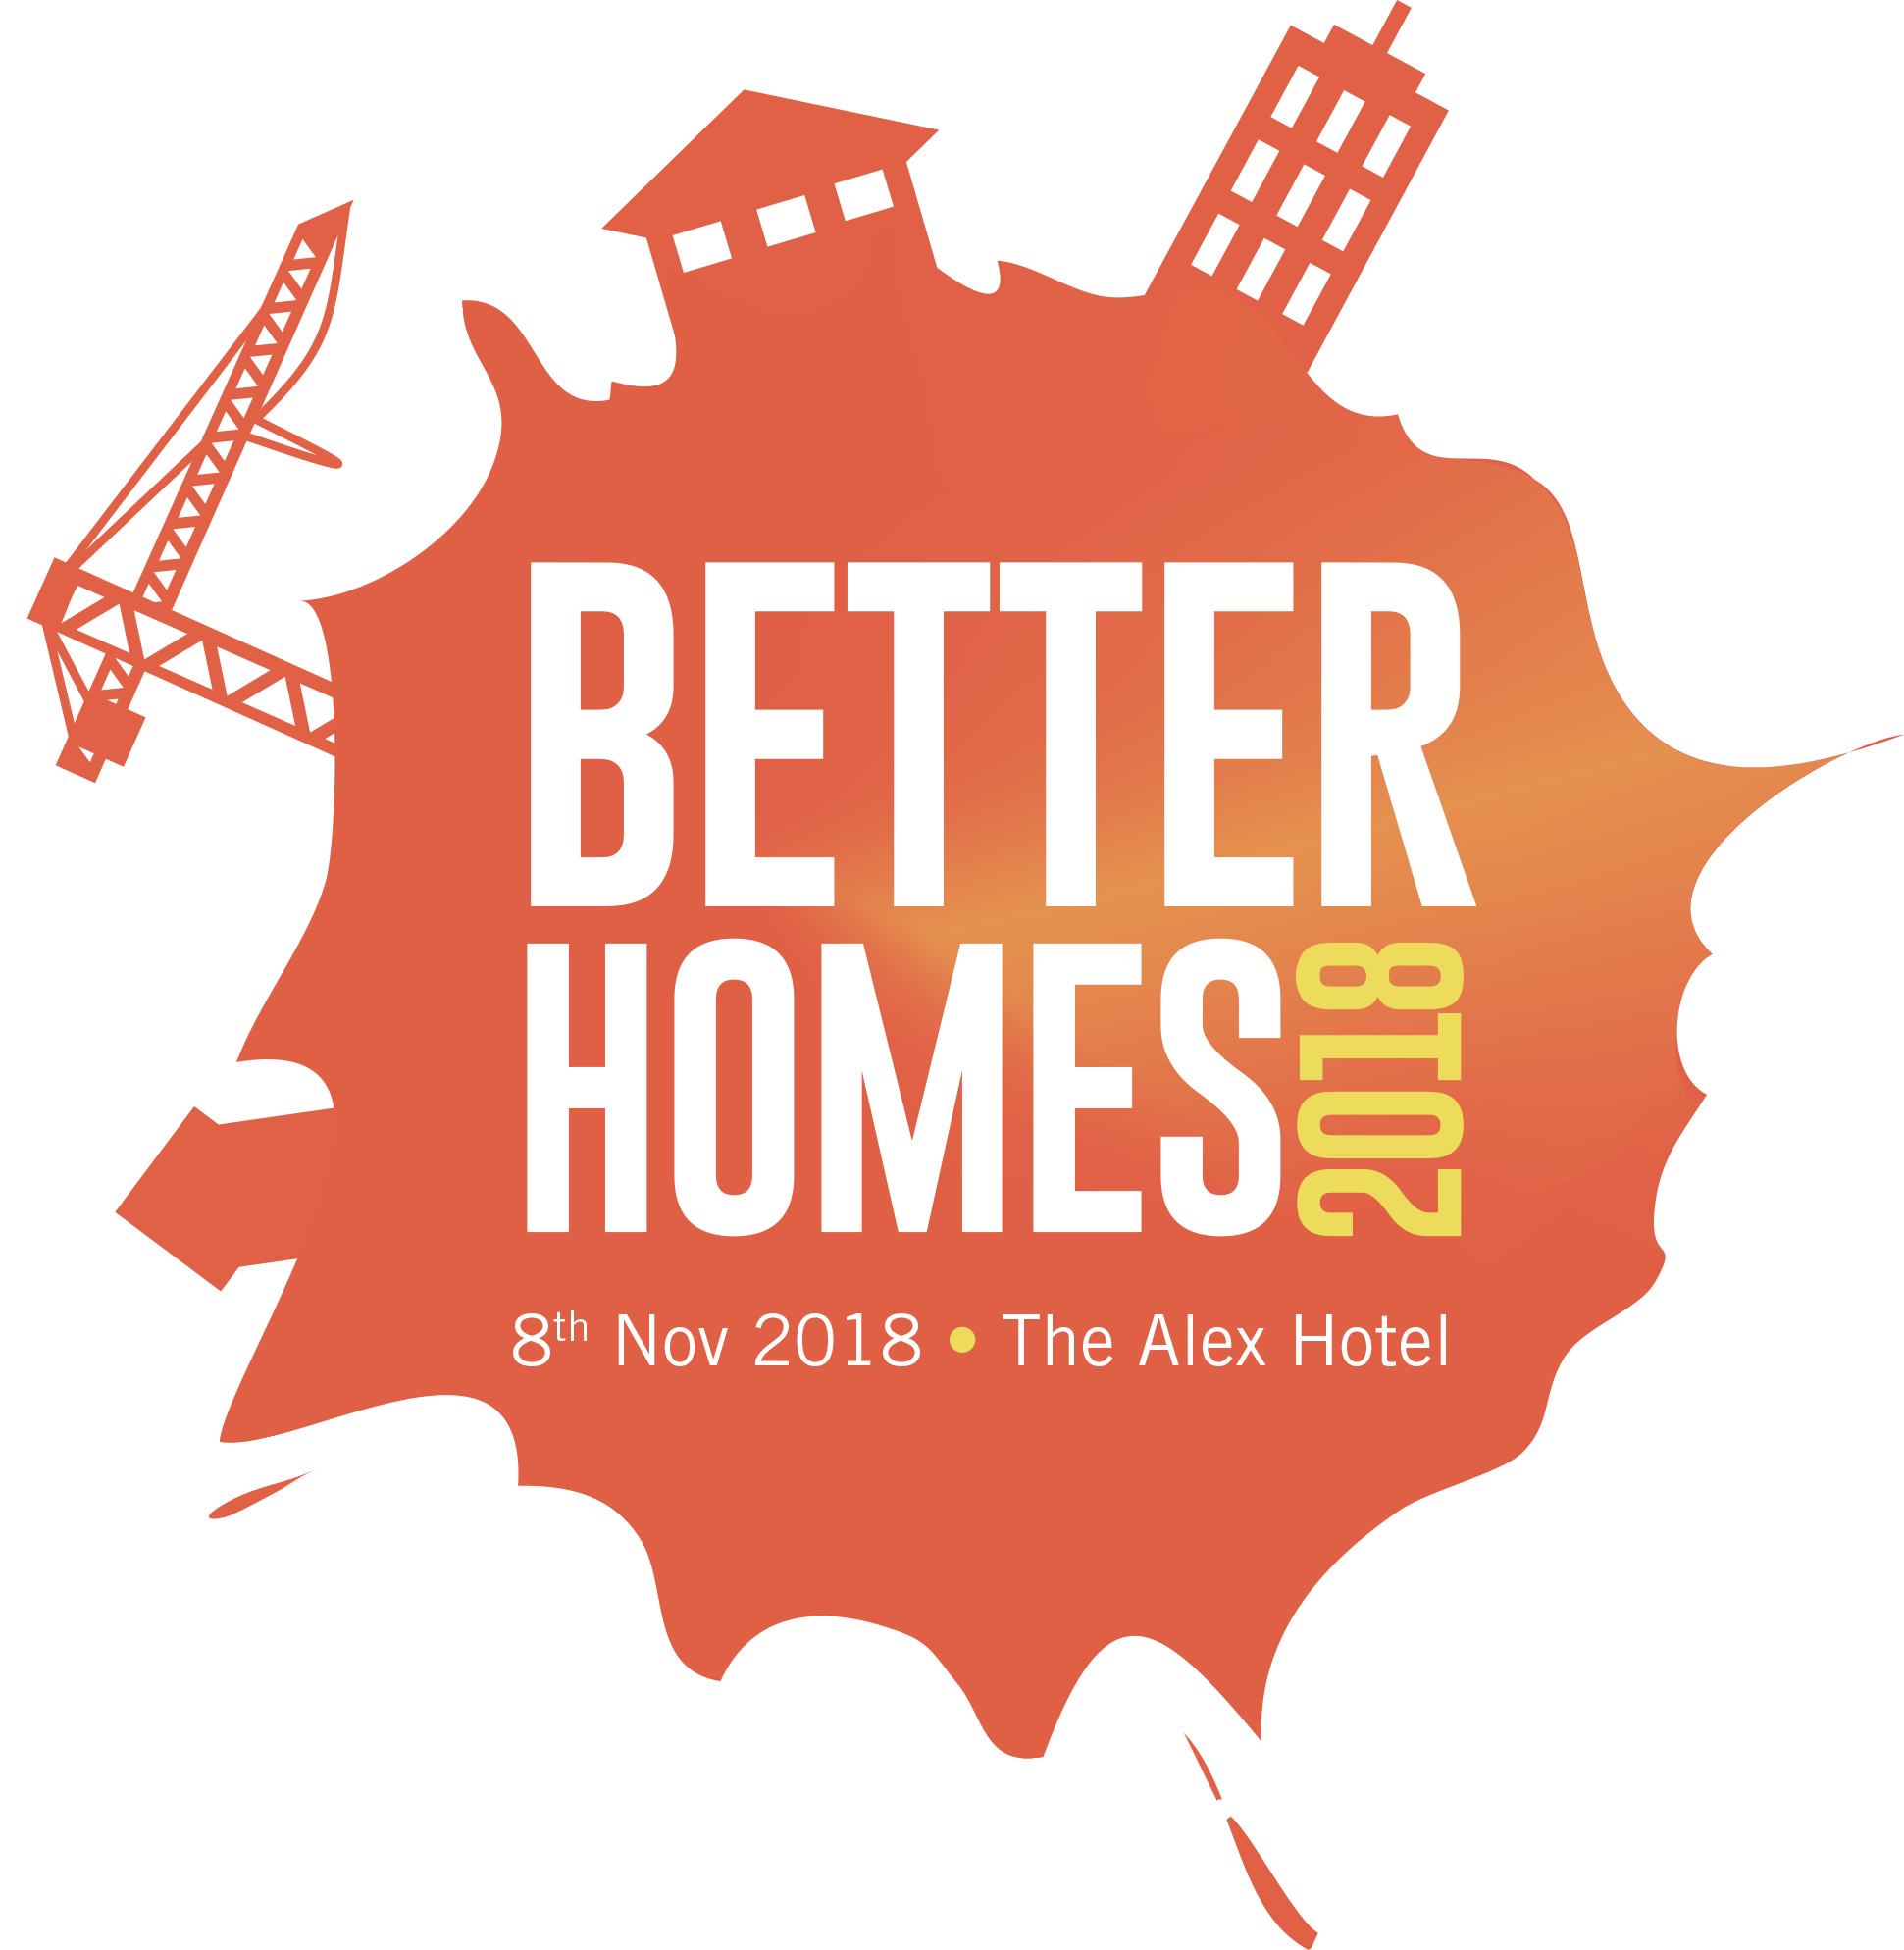 Better Homes 2018